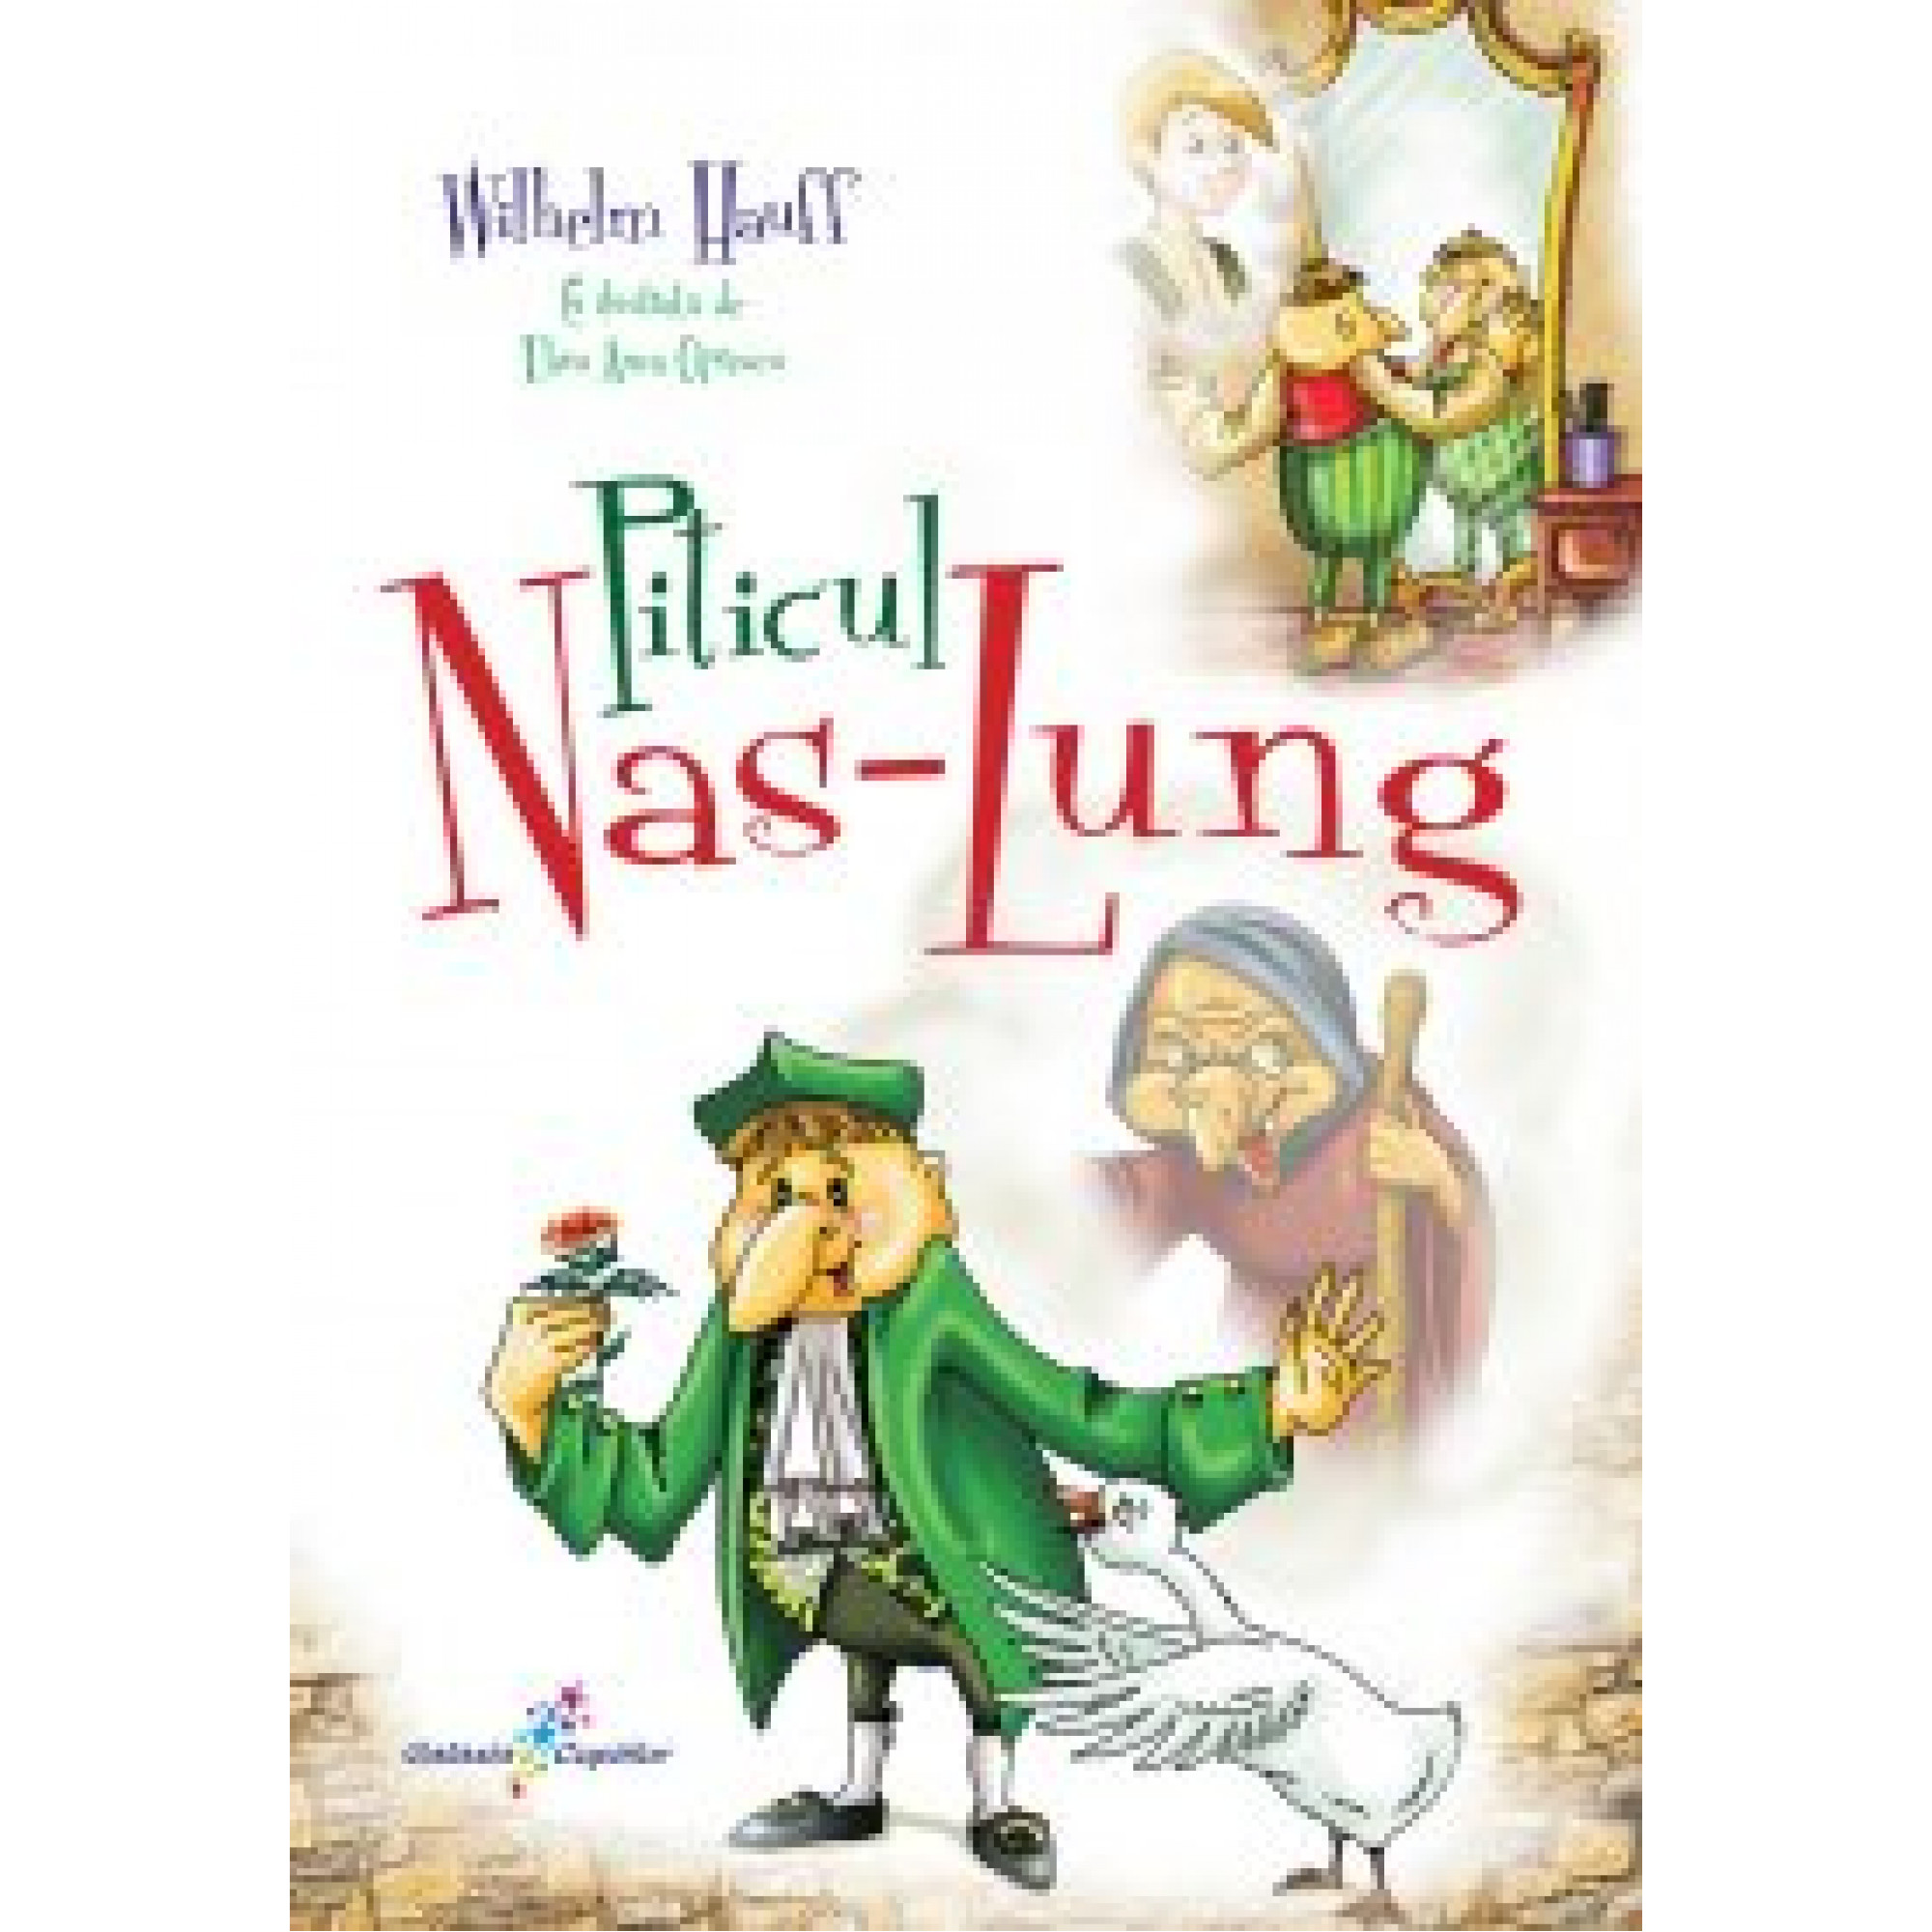 Piticul Nas Lung; Wilhelm Hauf